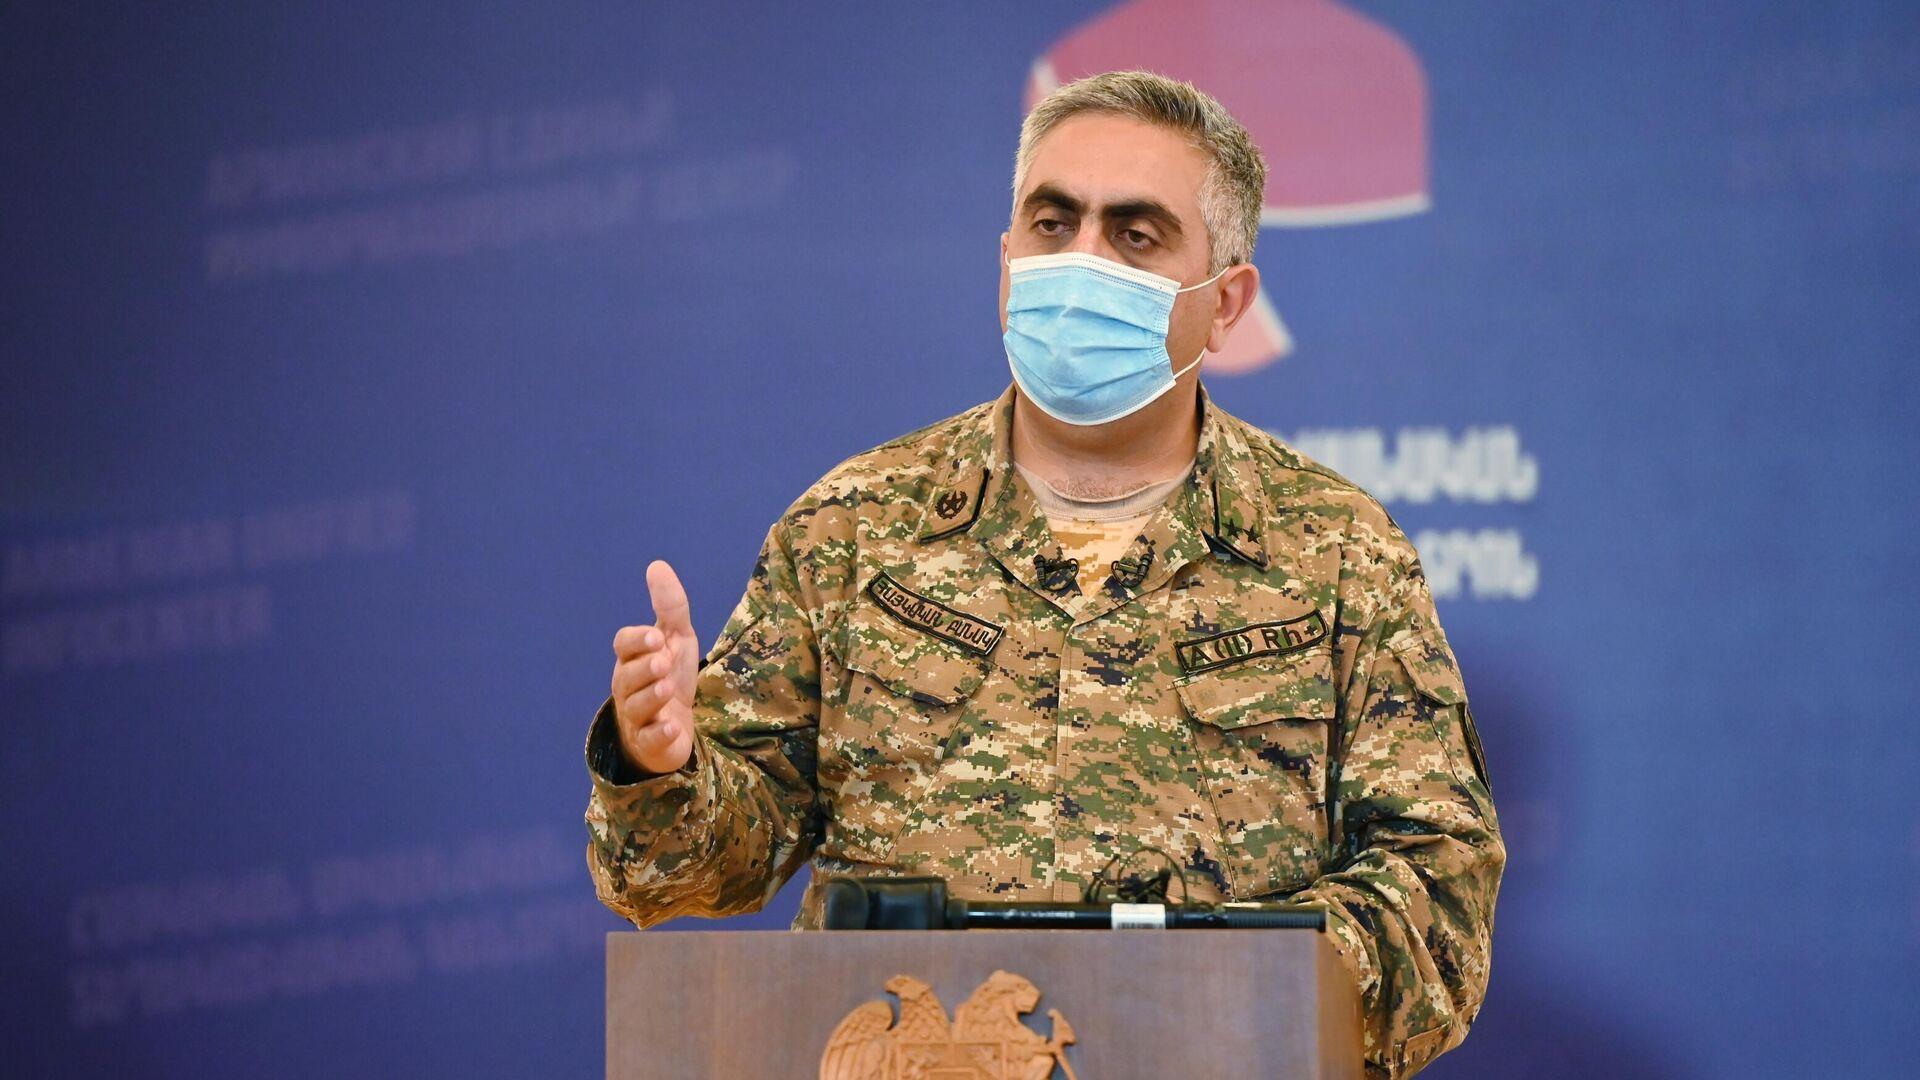 Представитель министерства обороны Армении Арцрун Ованнисян - РИА Новости, 1920, 17.11.2020